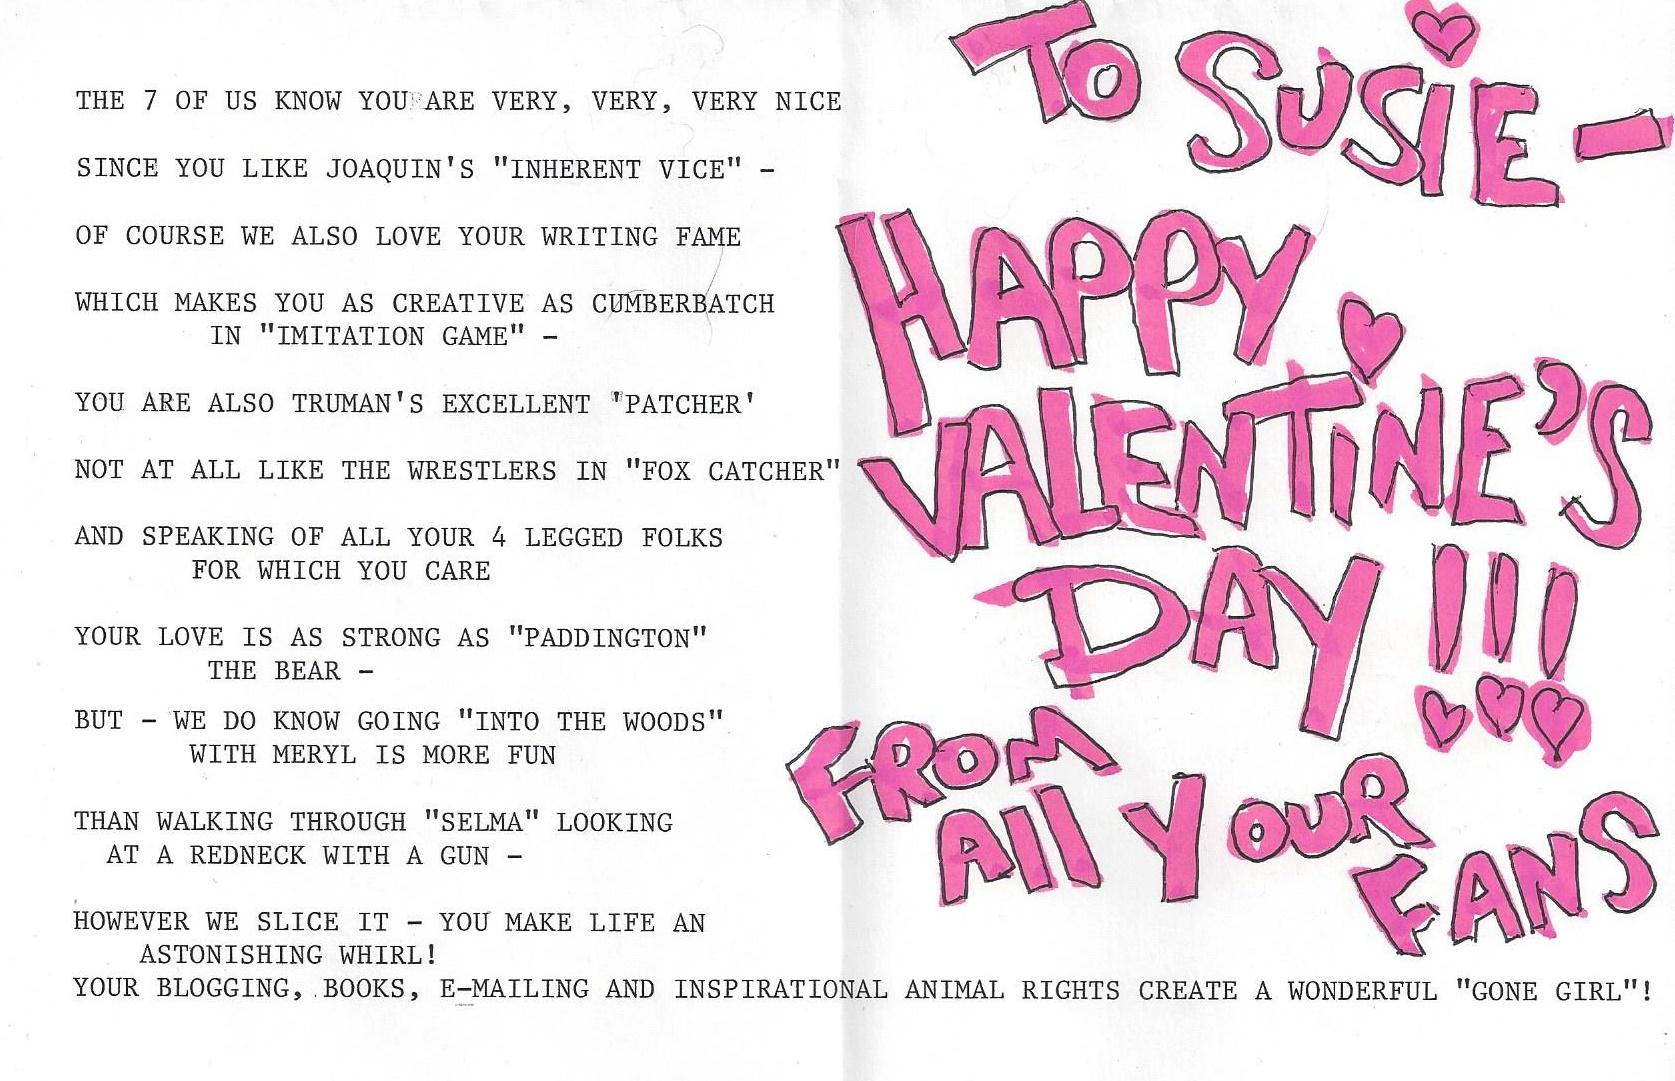 Susie 2015 Valentine 2